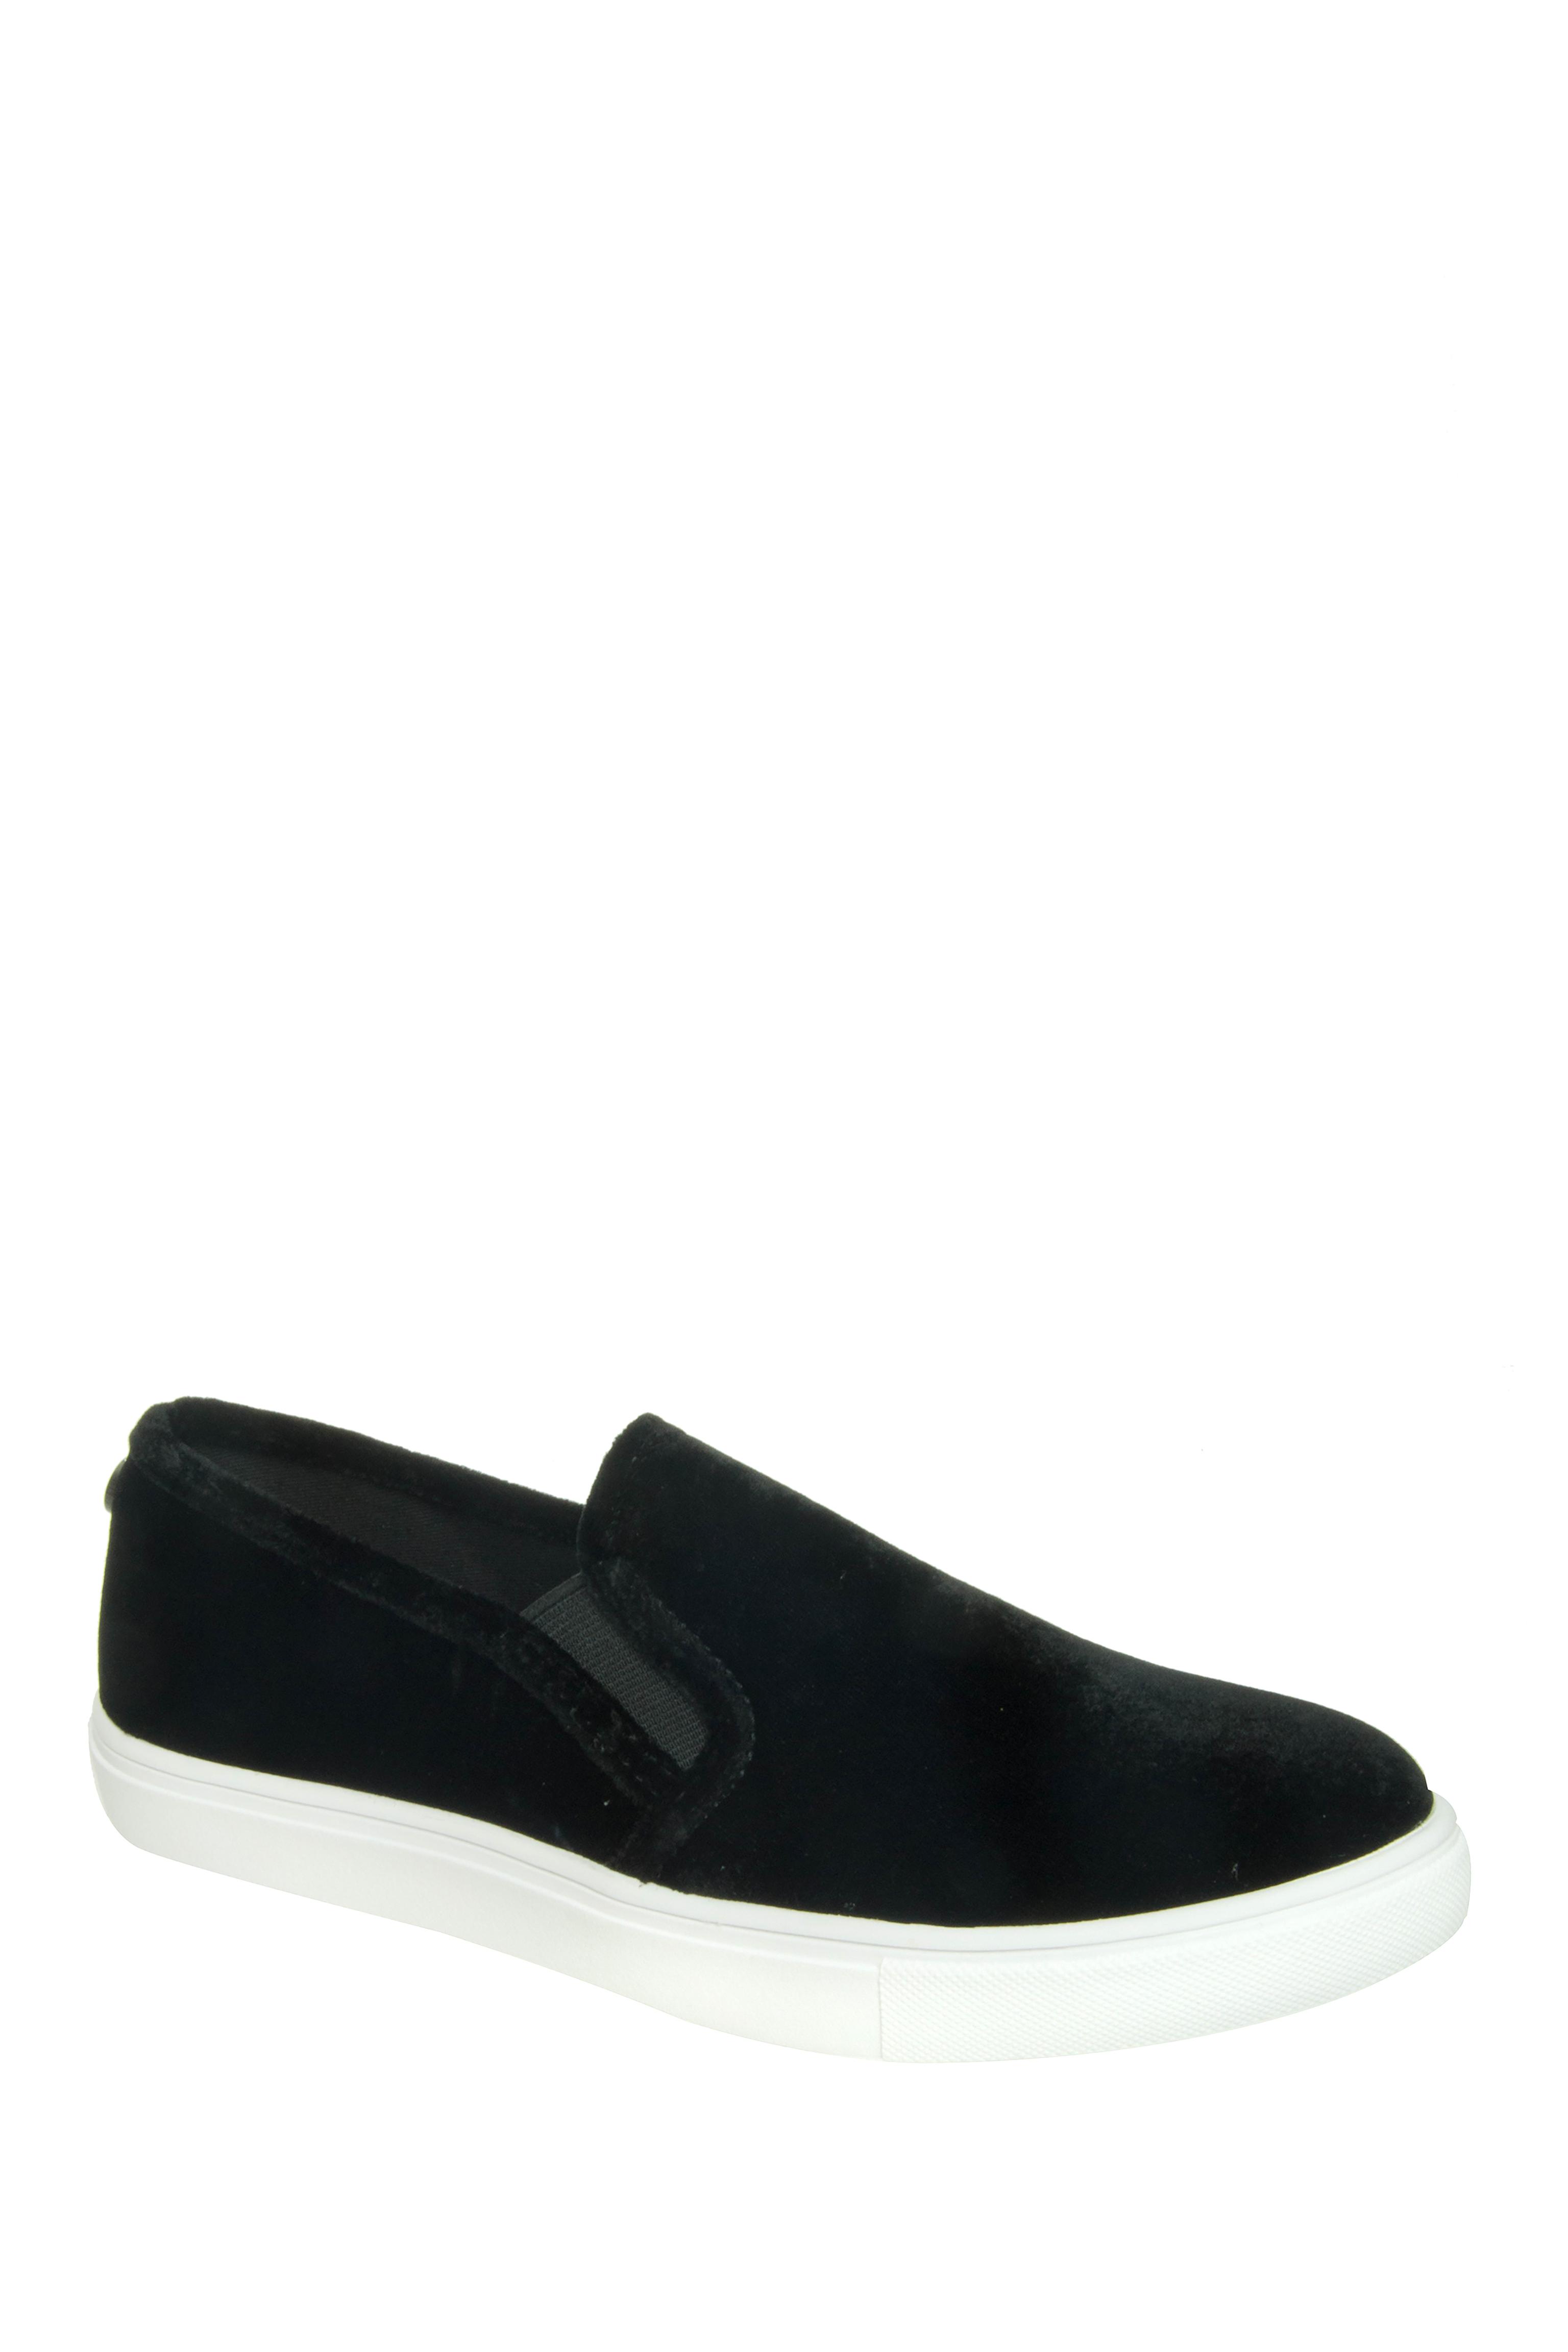 Steve Madden ECNTRCV Slip-On Sneakers - Black / Velvet